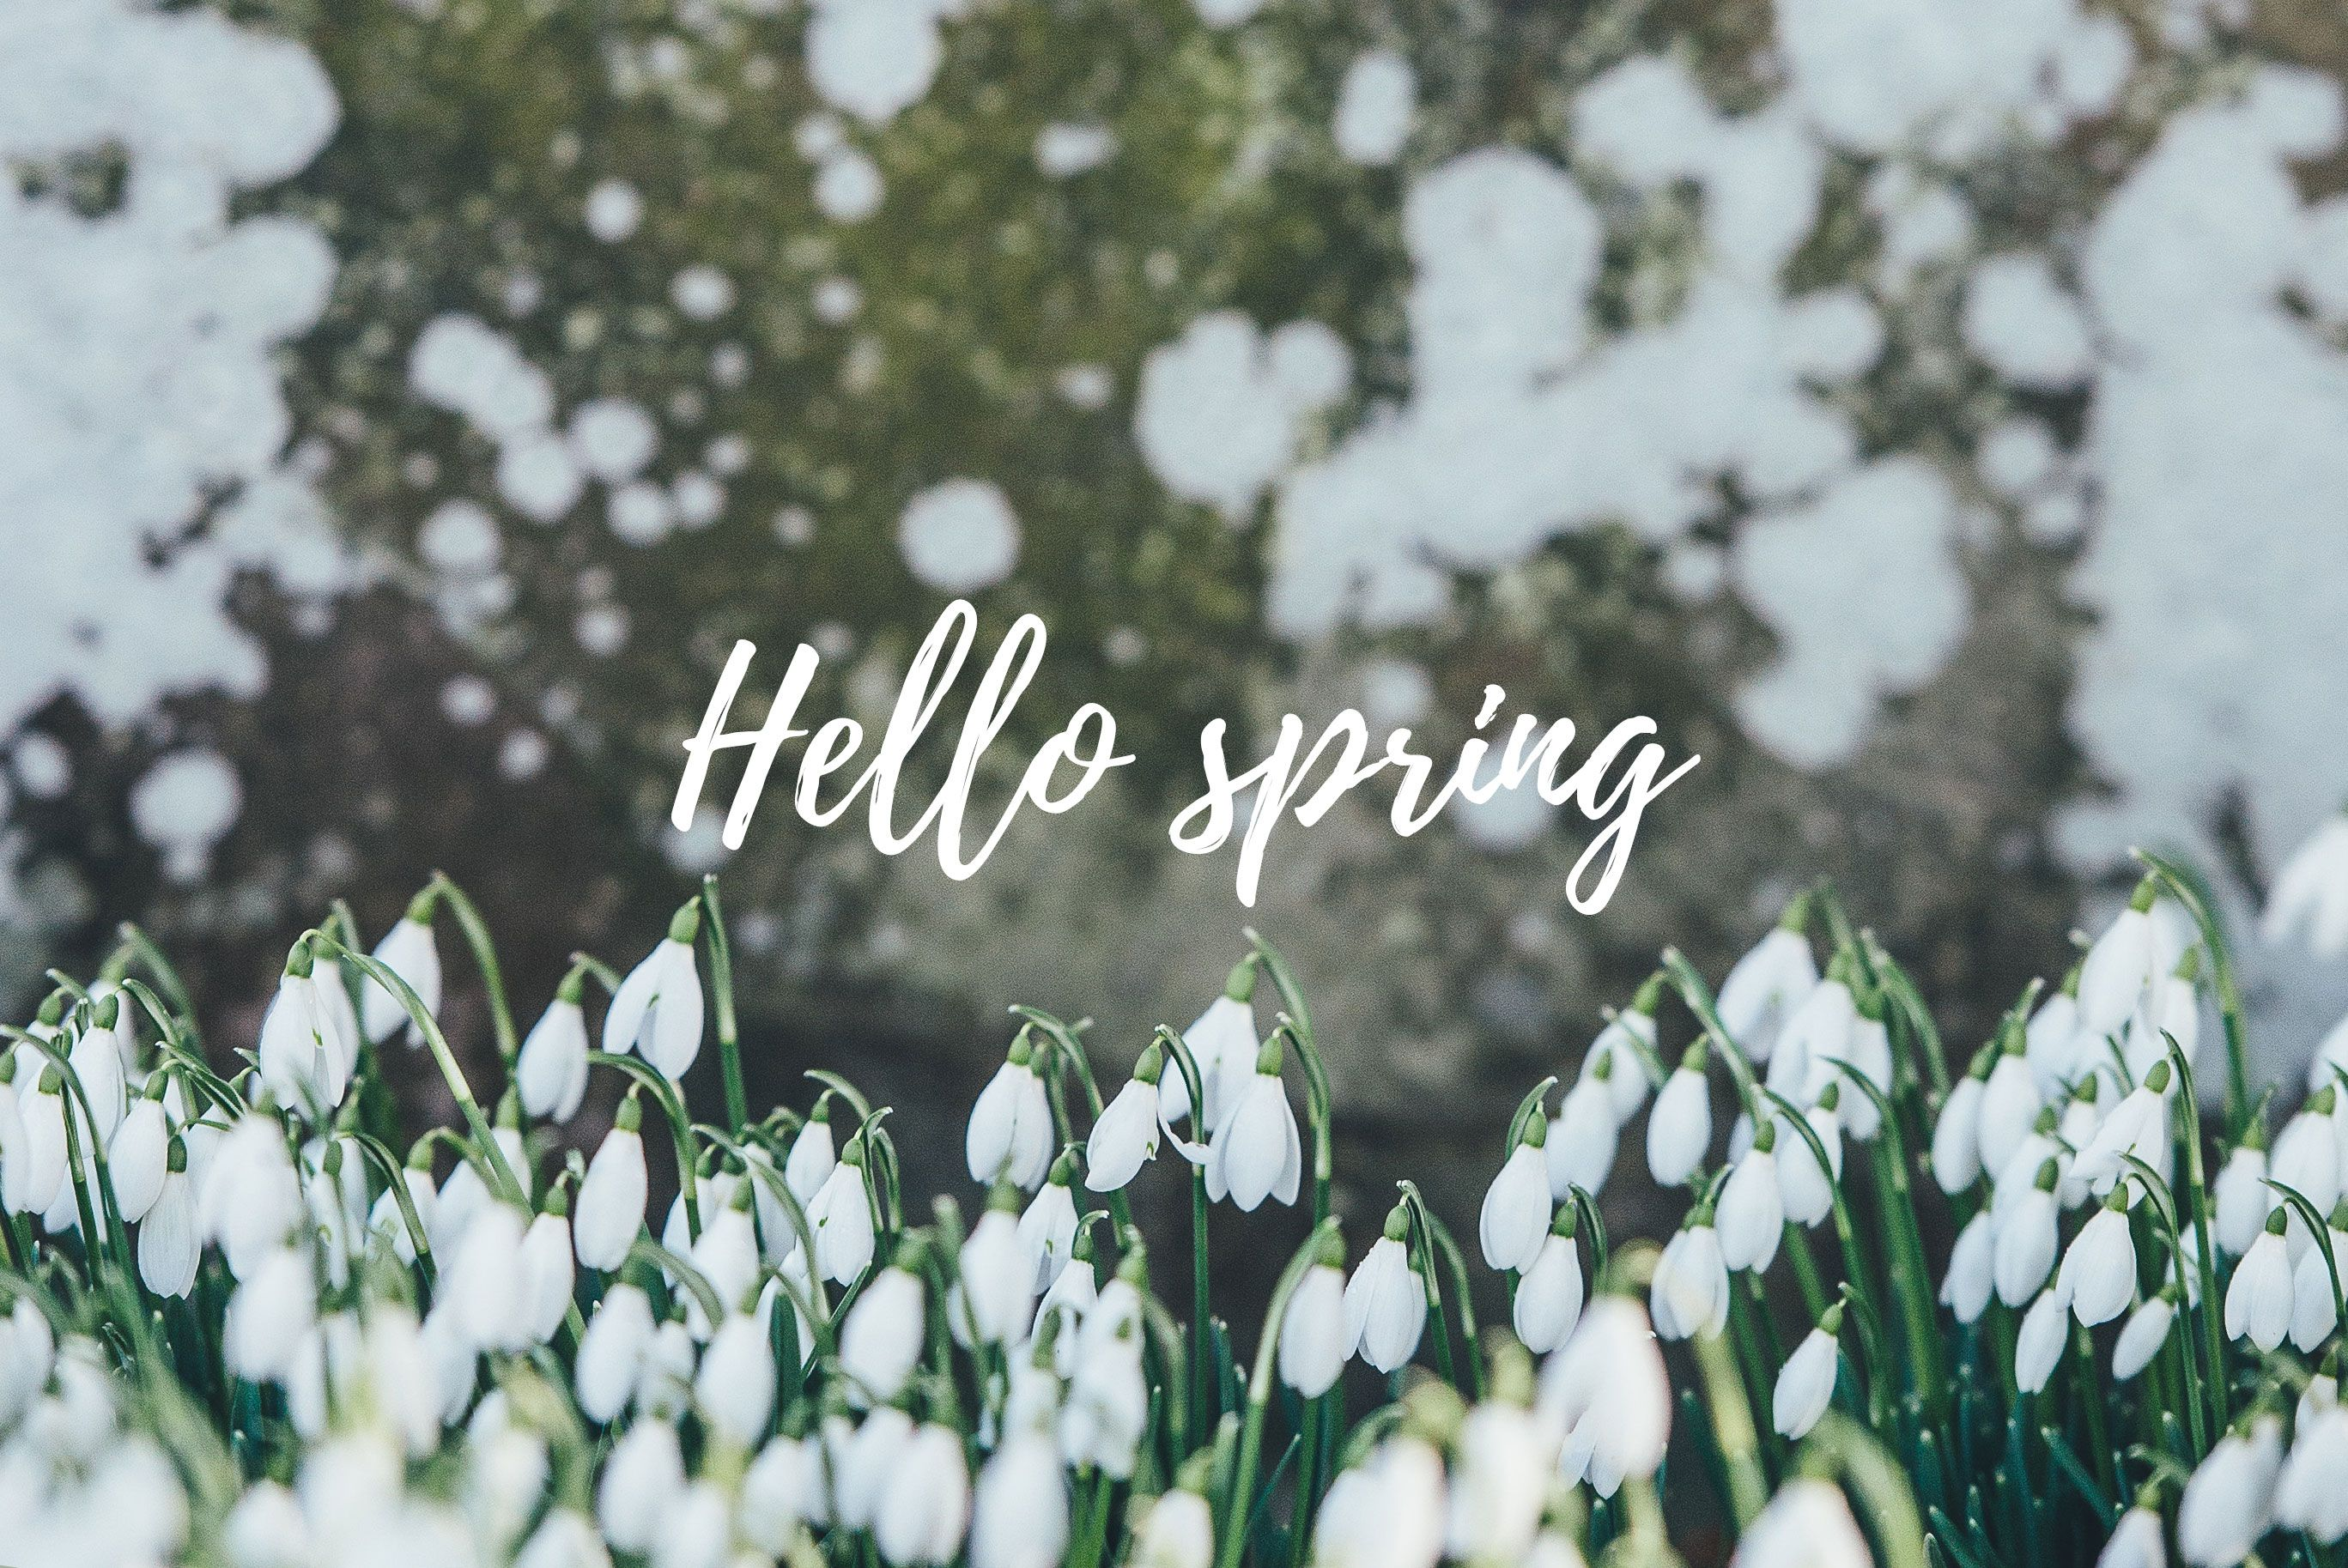 Free Spring Desktop Images Sonrisa Studio Spring Wallpaper Spring Desktop Wallpaper Desktop Wallpaper